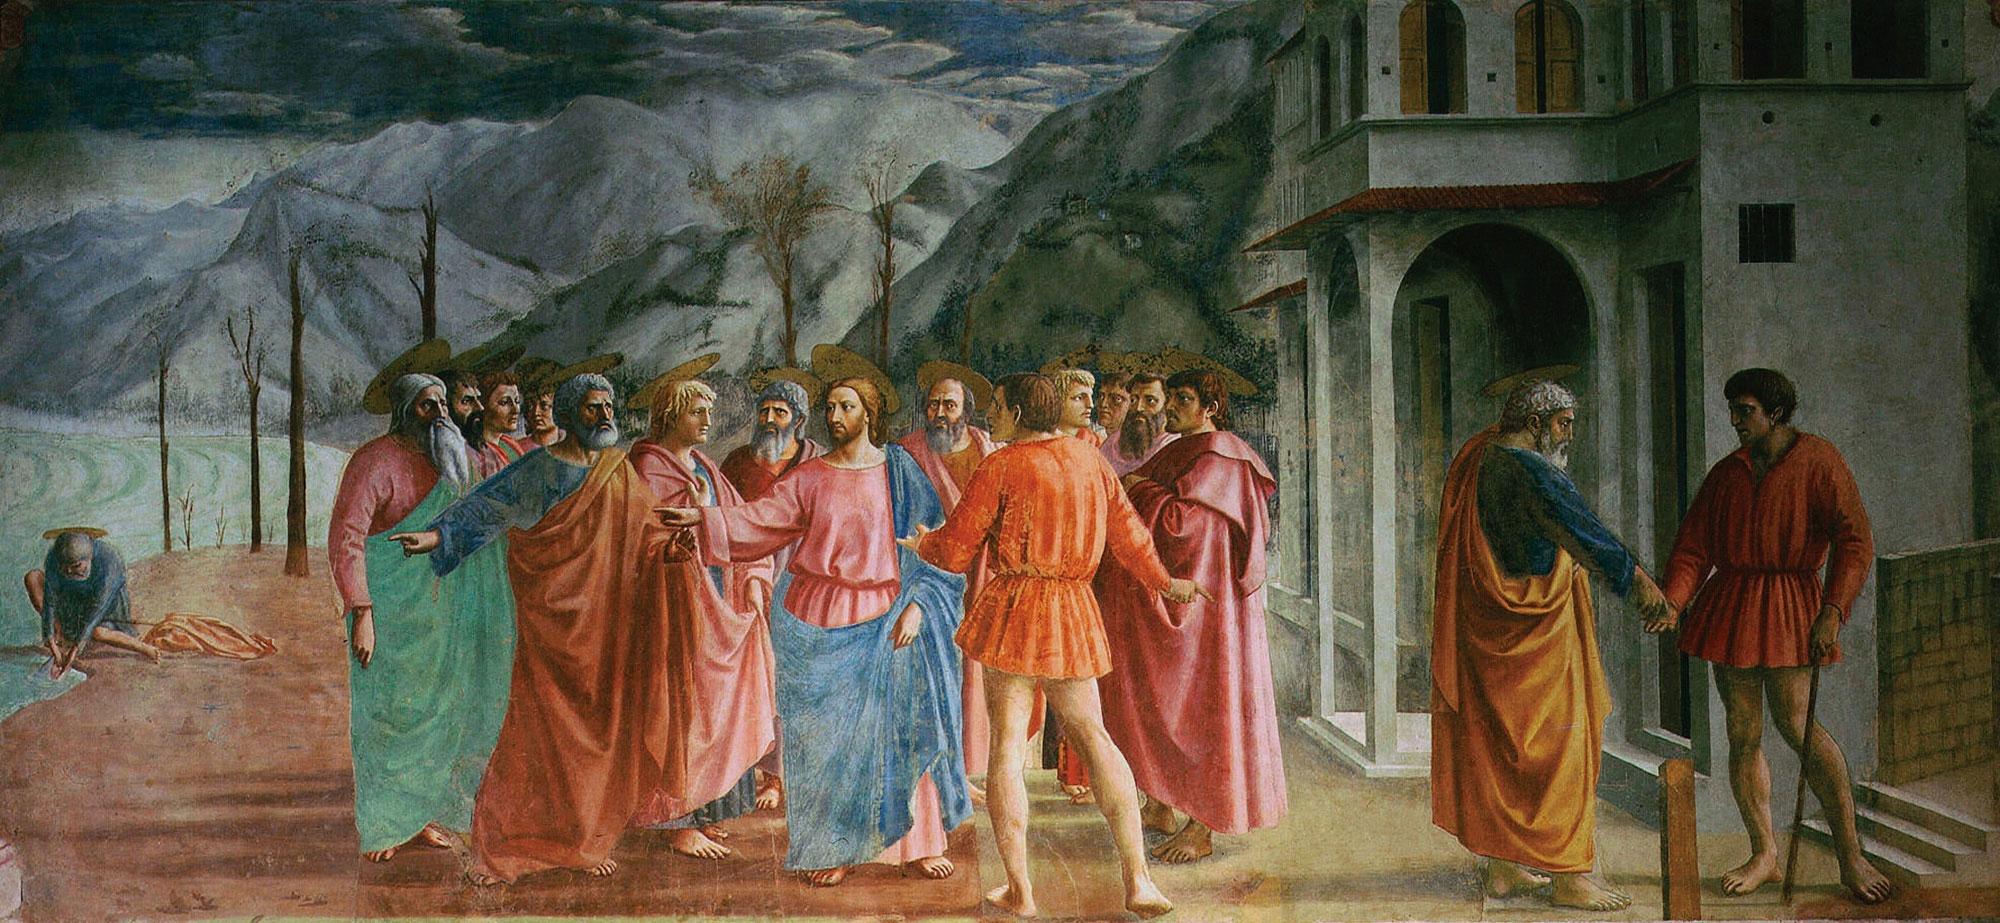 The Tribute Money by Masaccio